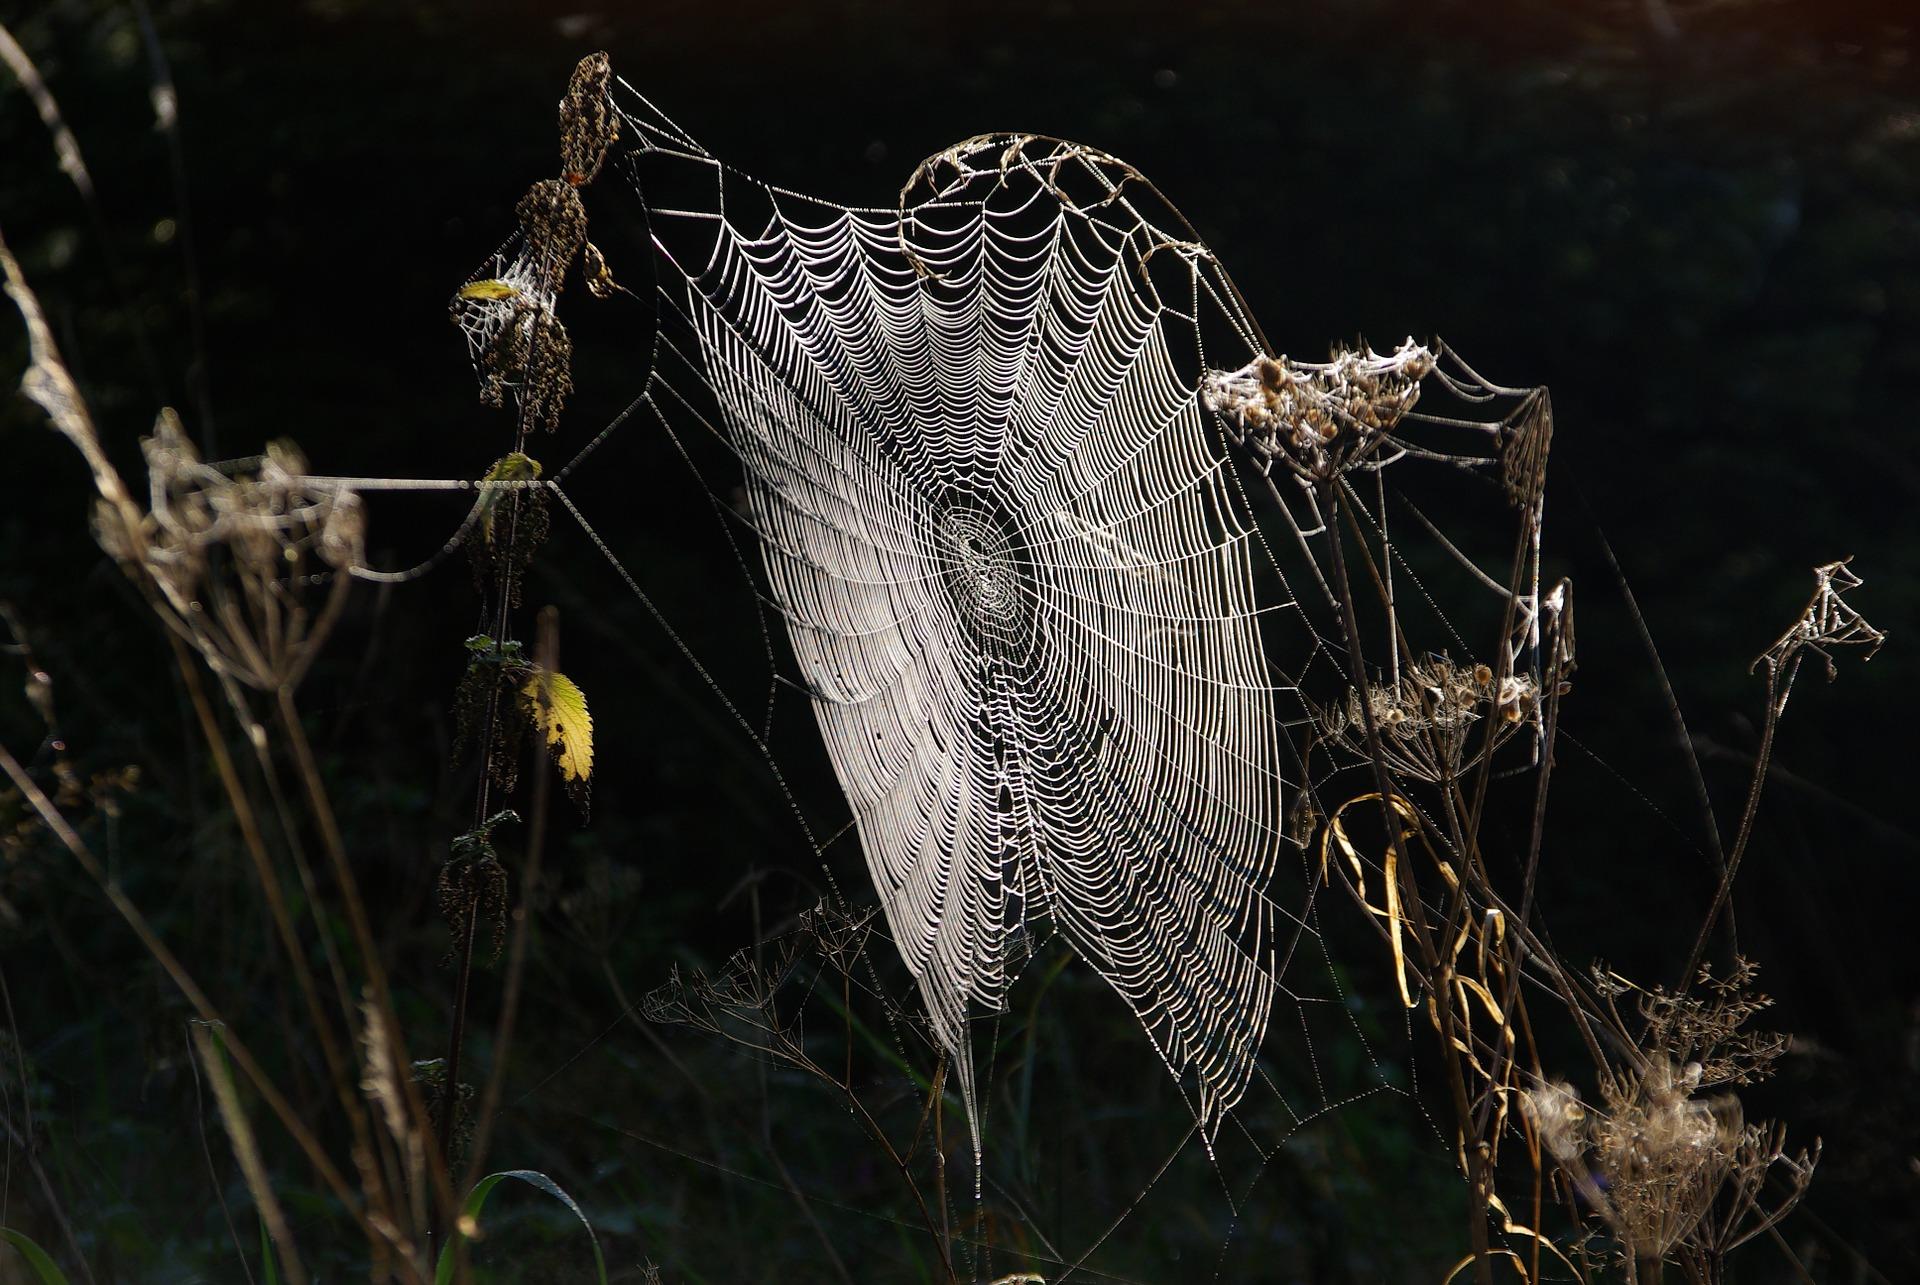 Toile arachnide dans La Passion de l'Arachnee